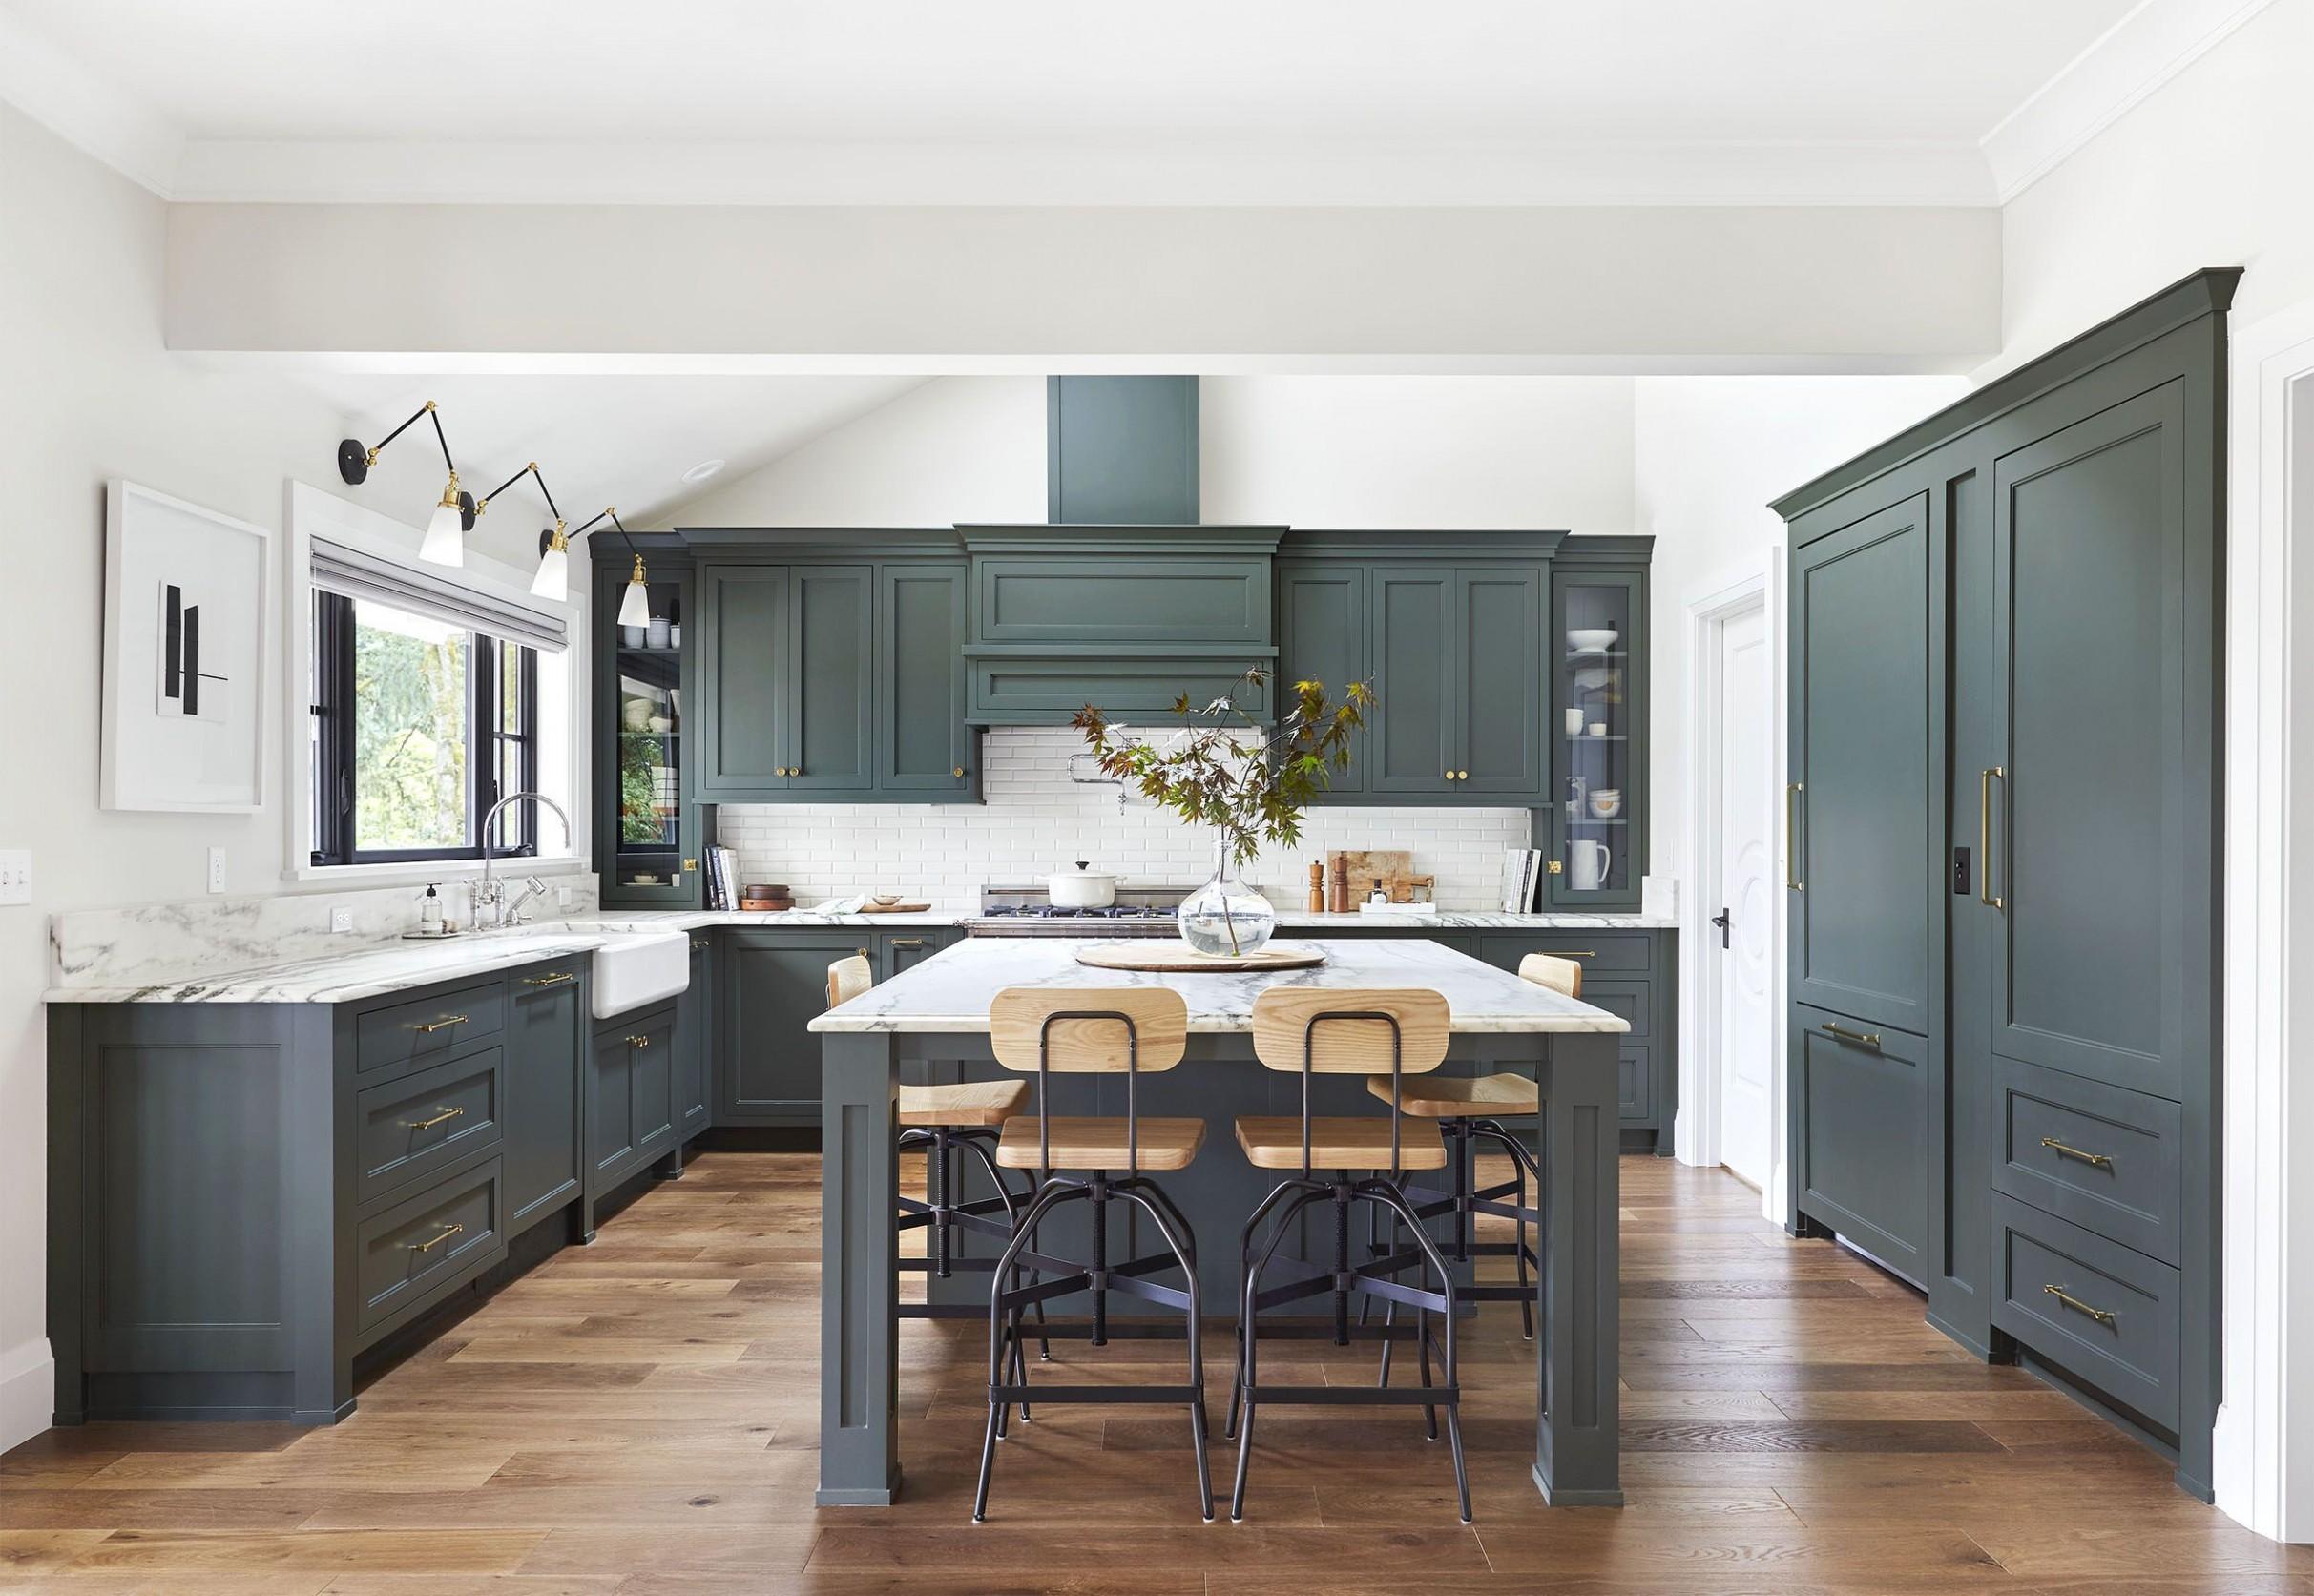 9 Best Green Kitchens - Ideas for Green Kitchen Design - Go Green Kitchen Cabinets